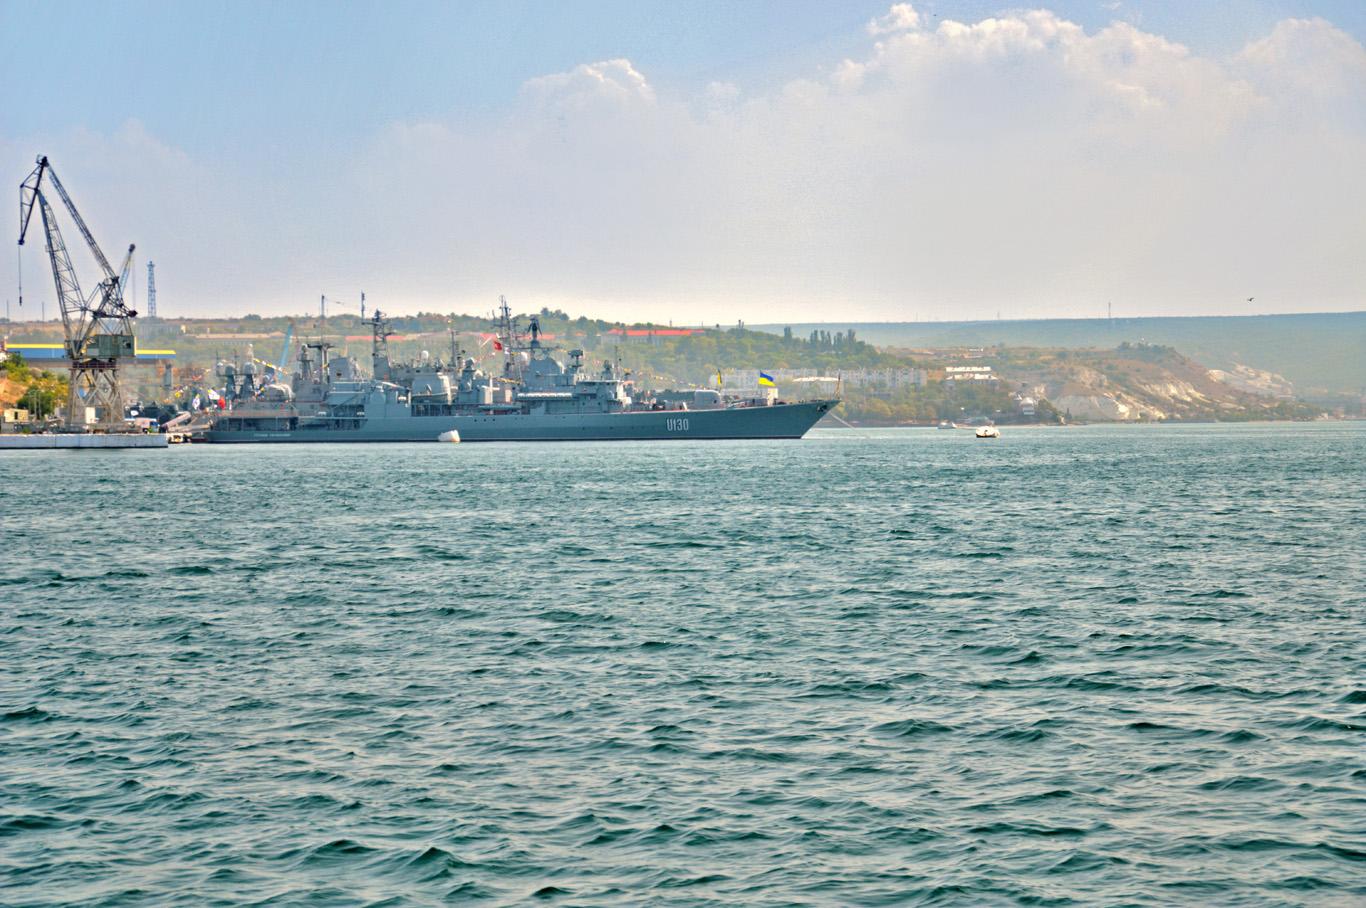 Navy Ships in Sevastopol